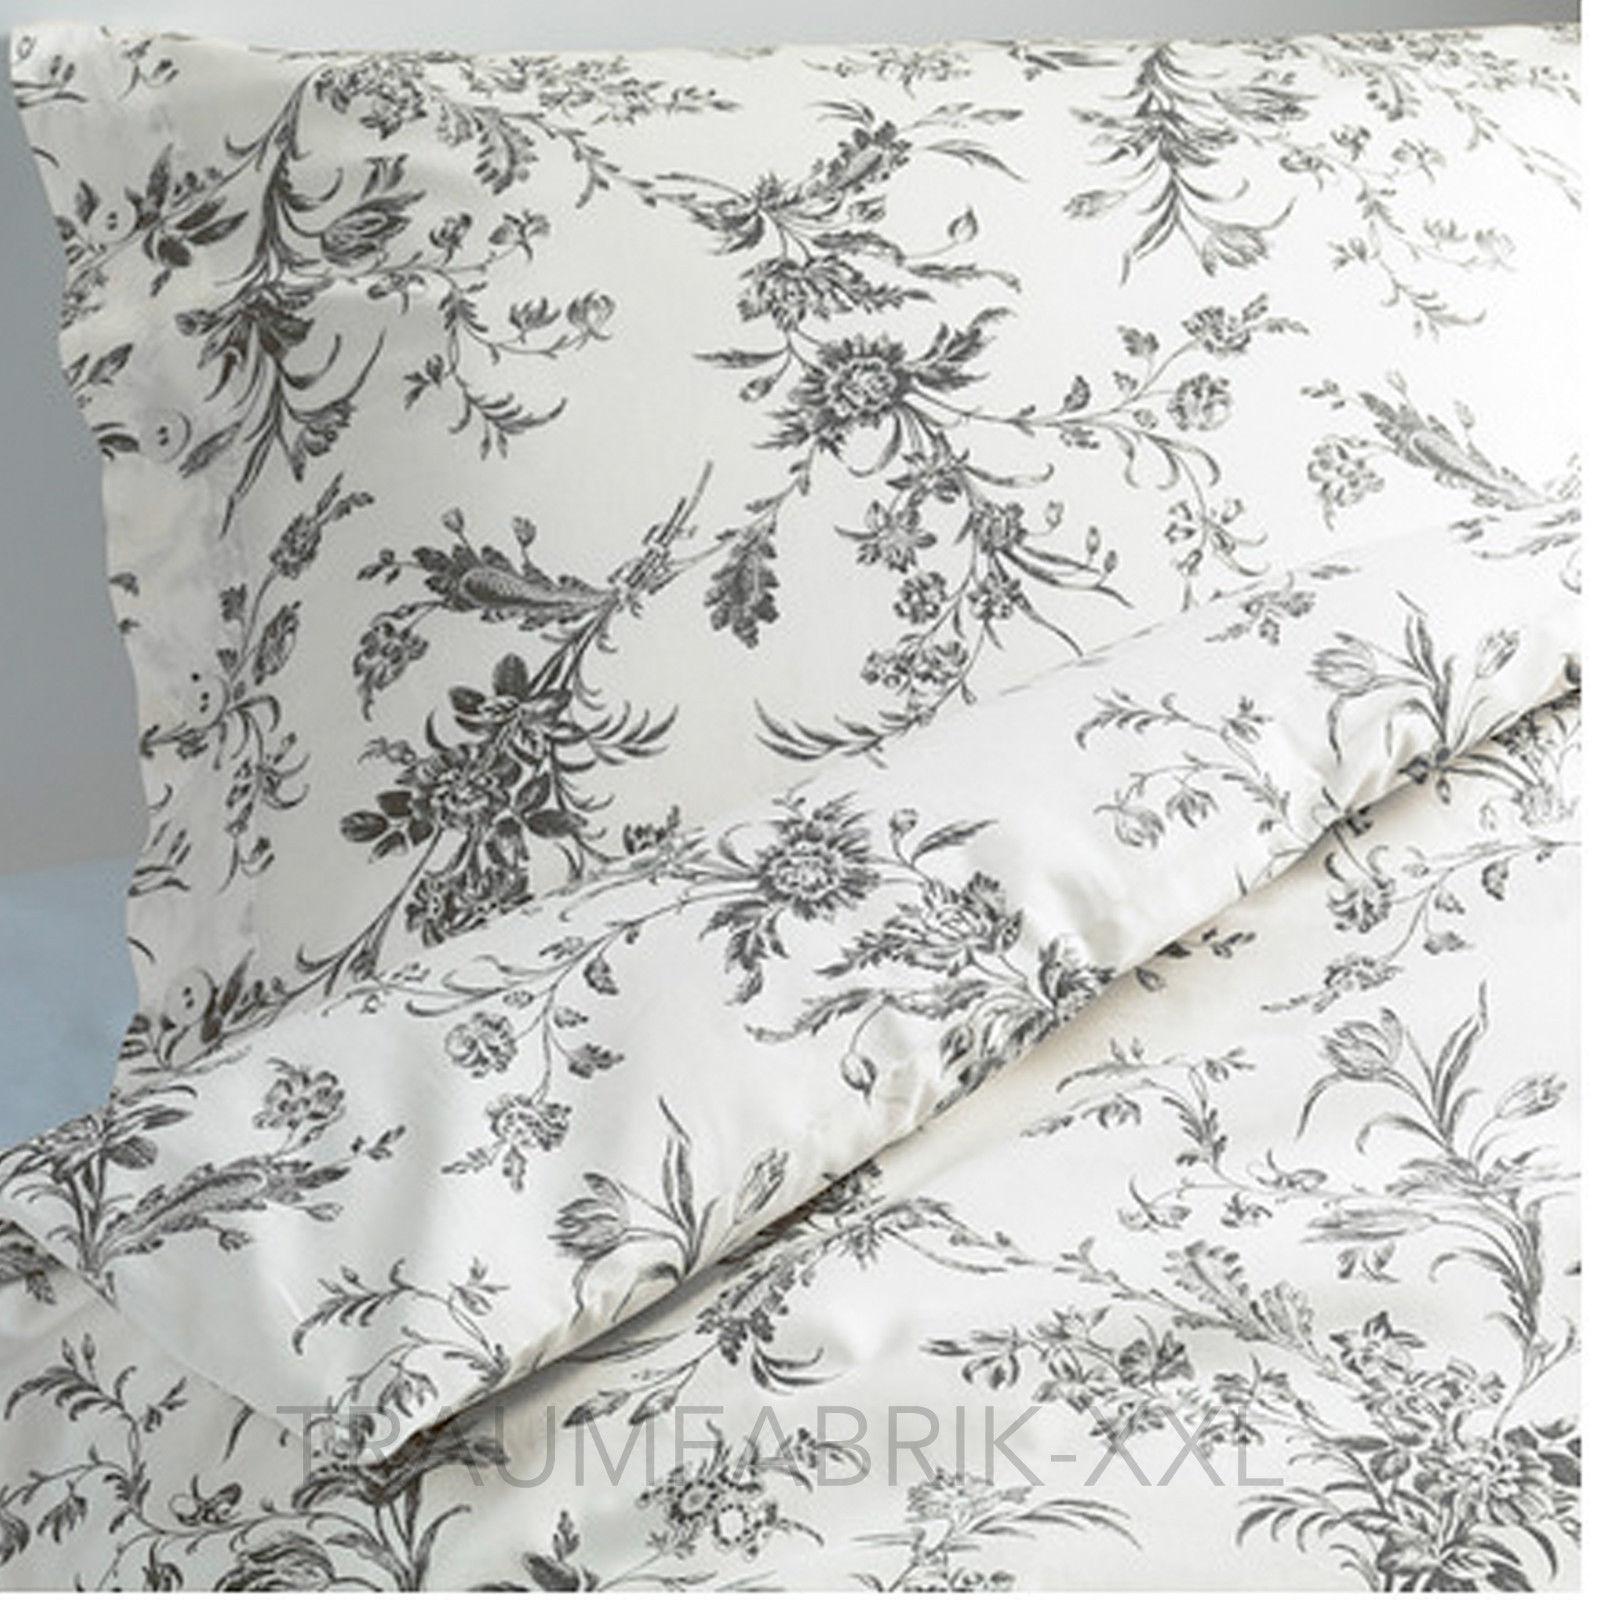 ikea designer bettw sche set bettgarnitur baumwolle 140 200 cm landhaus wei neu traumfabrik xxl. Black Bedroom Furniture Sets. Home Design Ideas